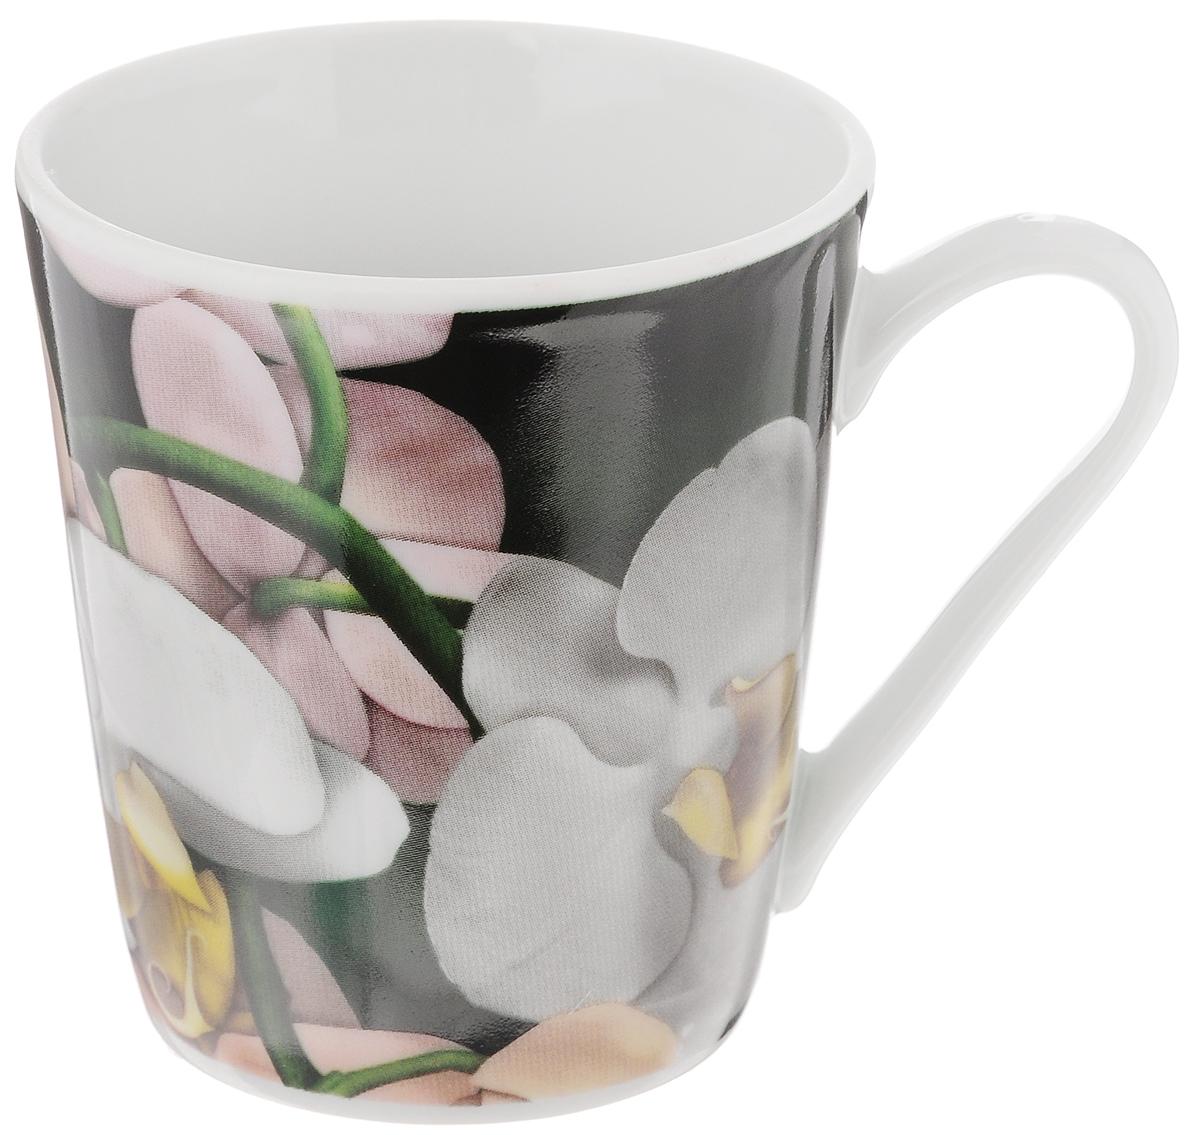 Кружка Классик. Орхидея, цвет: зеленый, серый, 300 мл3С0493_зеленый, серыйКружка Классик. Орхидея изготовлена из высококачественного фарфора. Изделие оформлено красочным цветочным рисунком и покрыто превосходной глазурью. Изысканная кружка прекрасно оформит стол к чаепитию и станет его неизменным атрибутом.Диаметр кружки (по верхнему краю): 8,5 см.Высота стенок: 9,5 см.